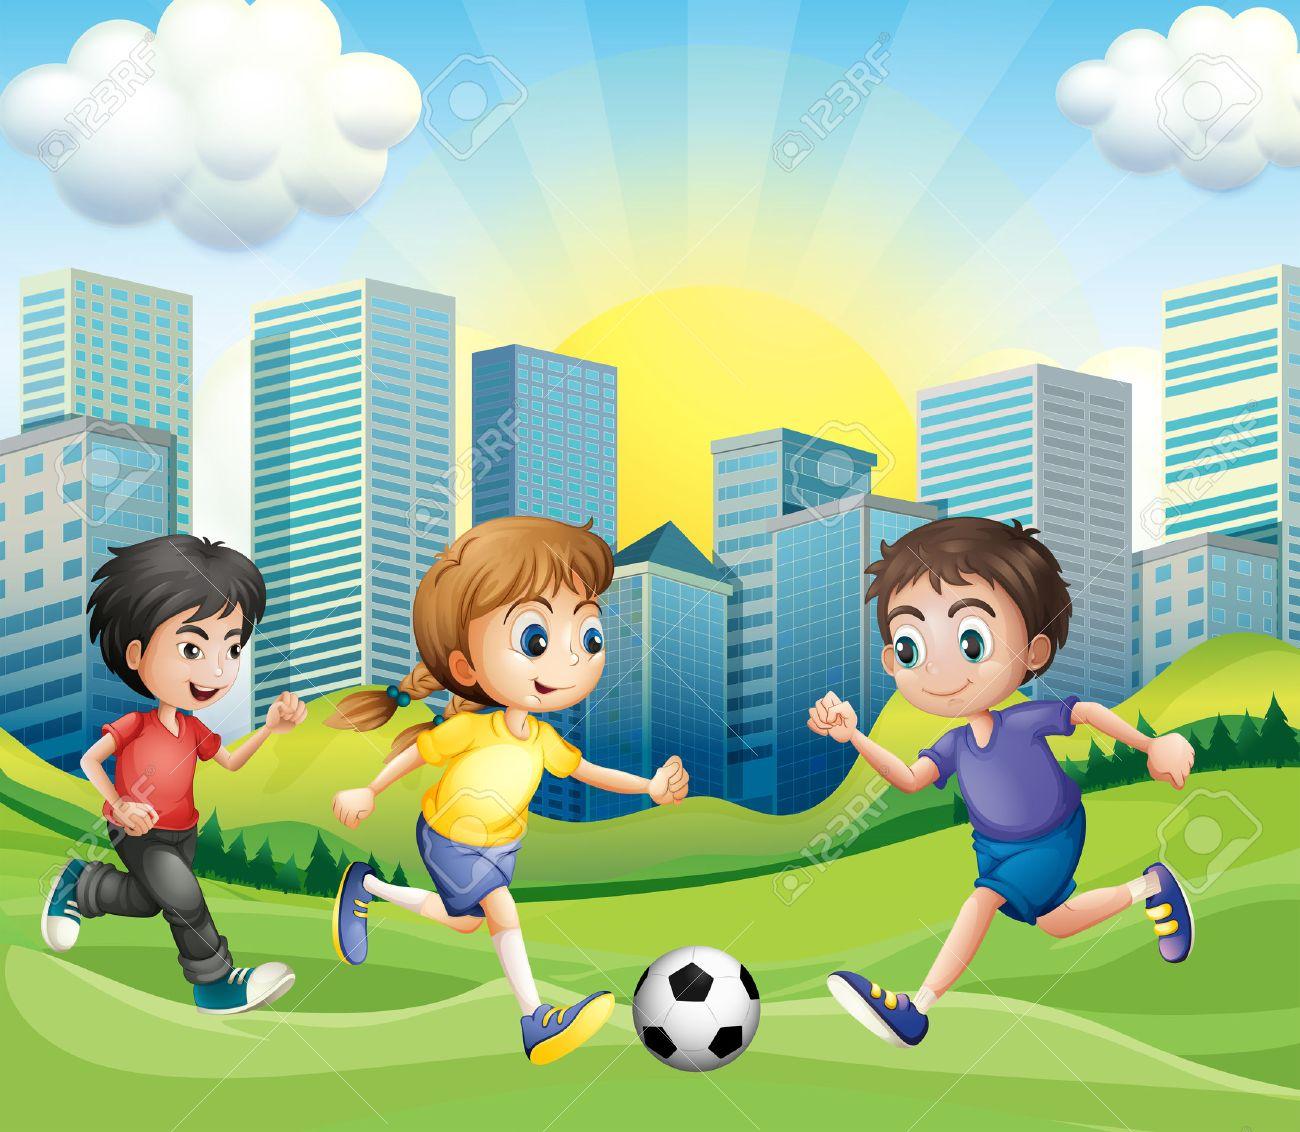 Ninos Jugando Al Futbol En El Parque De La Ilustracion Ilustraciones